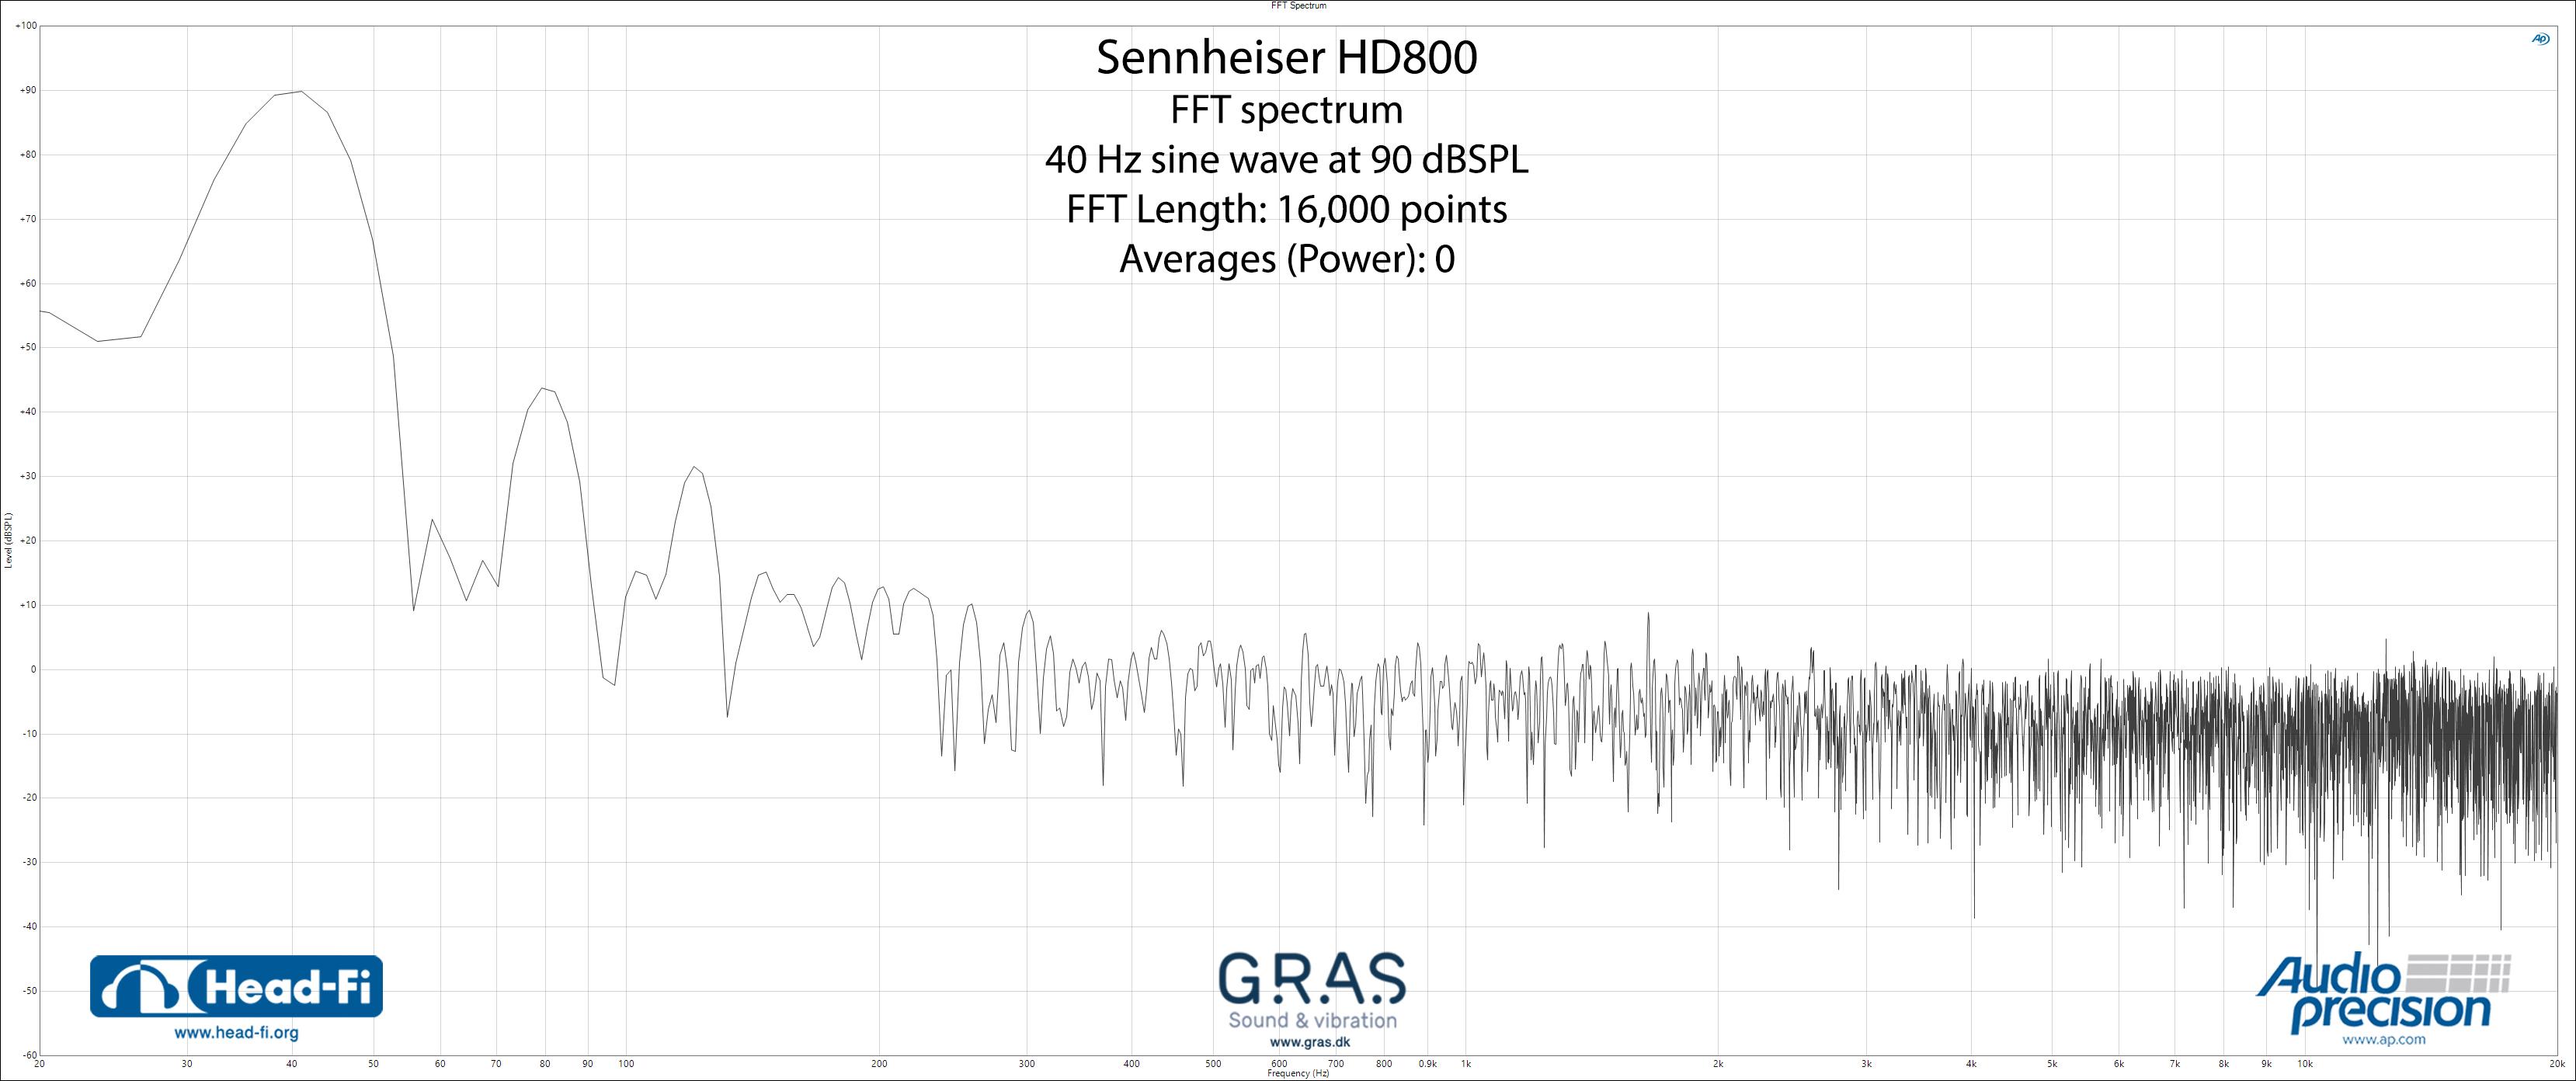 FFT-Spectrum---16000-points---no-average.jpg